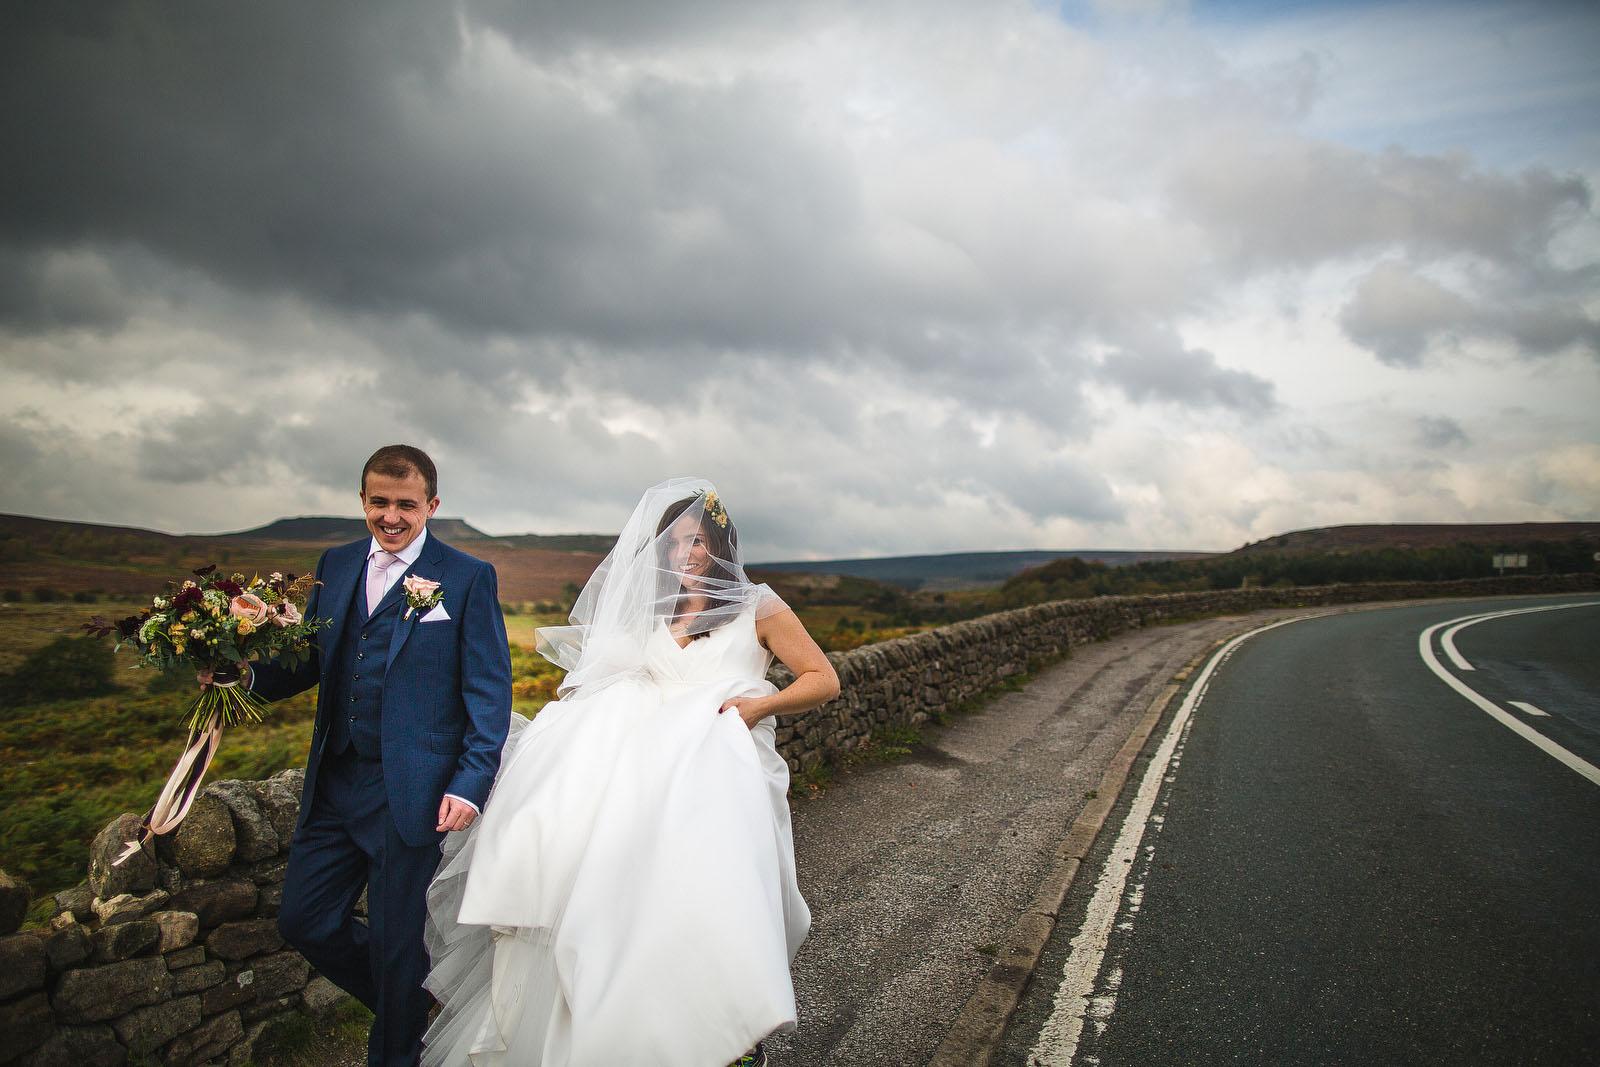 Peak district wedding venues1